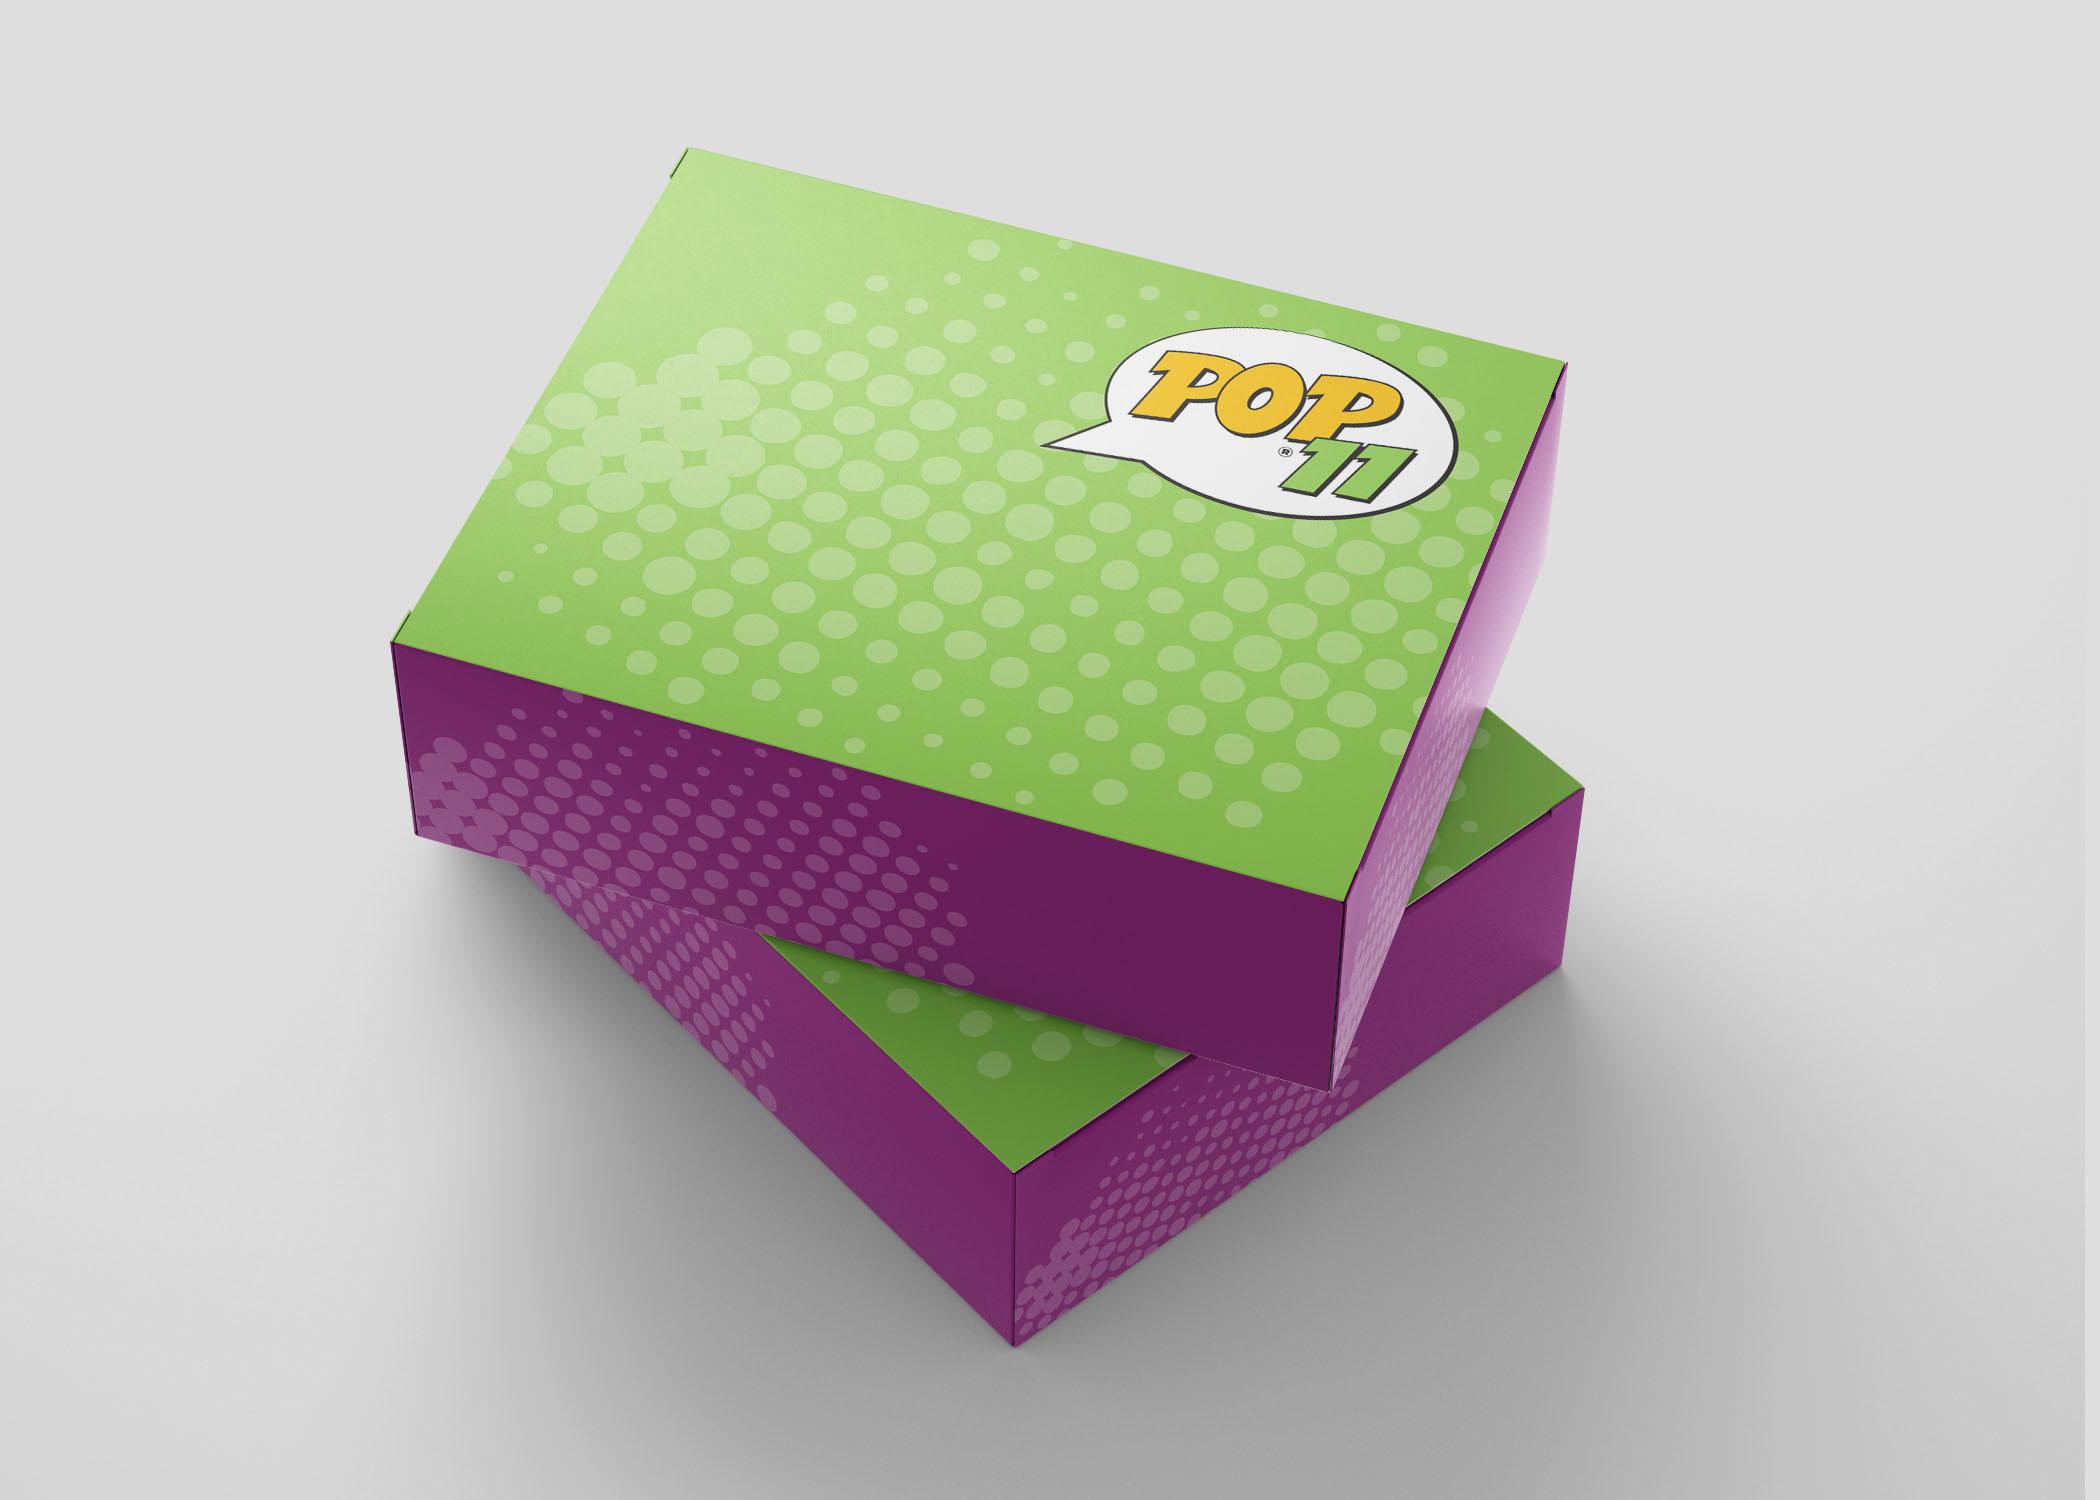 02 Box Packaging Pop11 Digital Prints